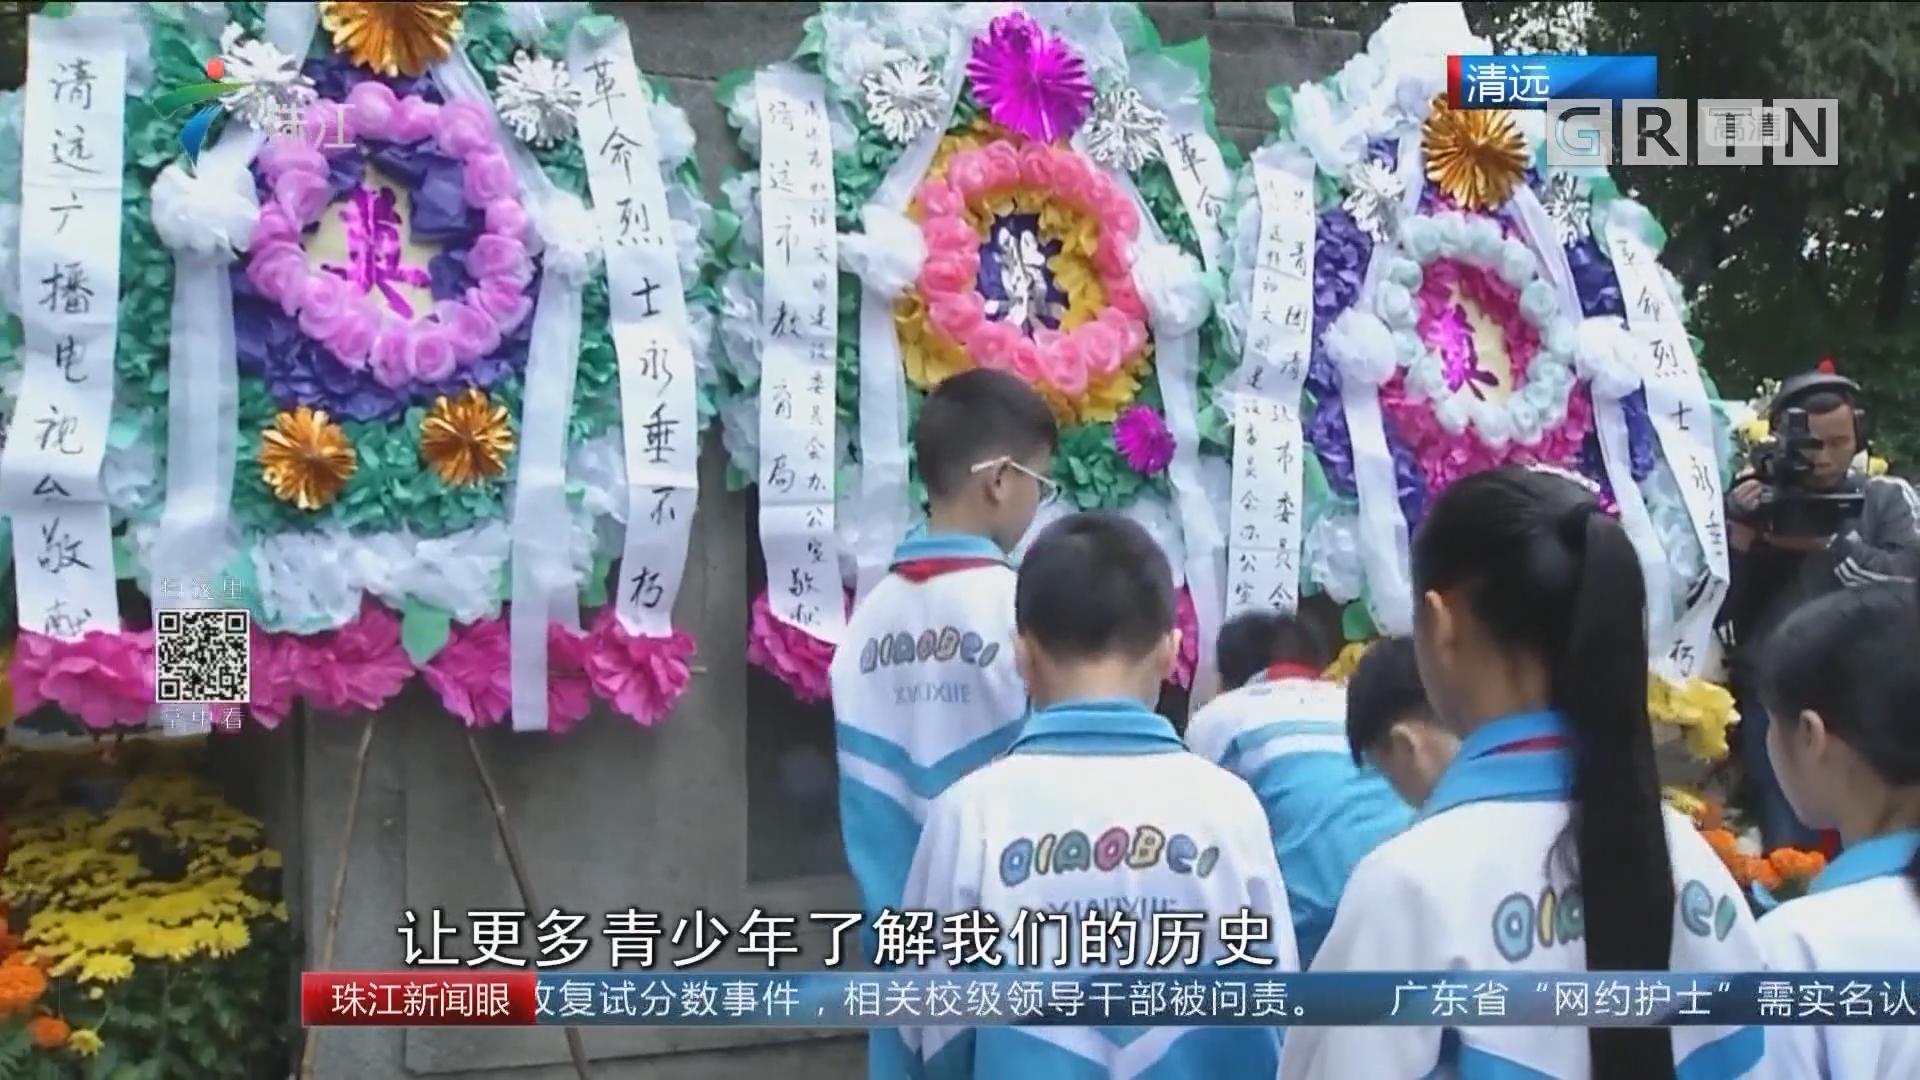 清明公祭:缅怀先烈 铭记英雄